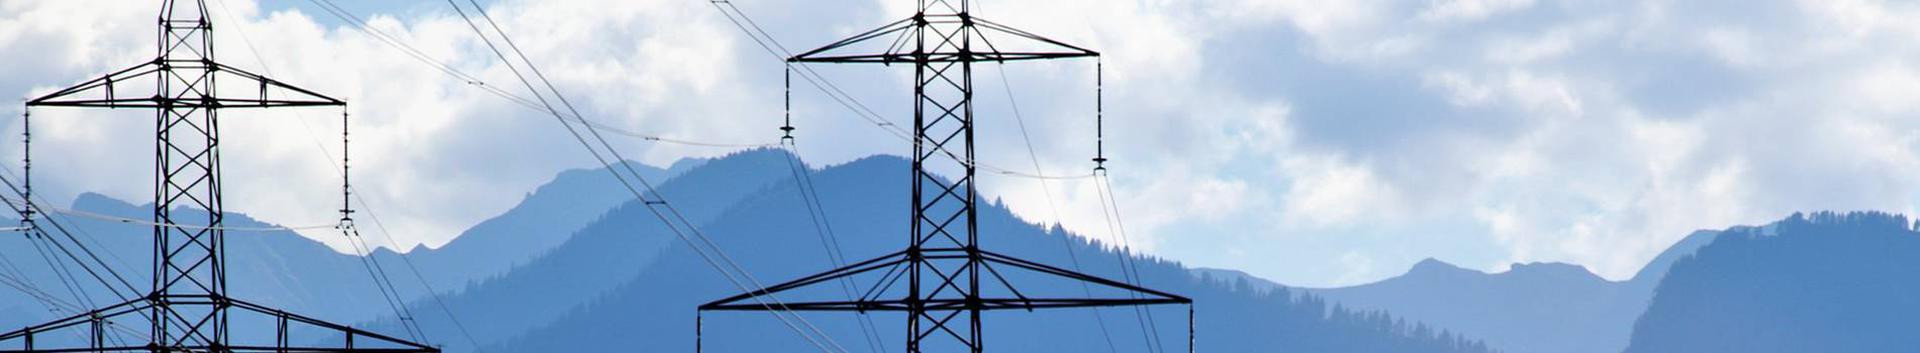 42221_elektri-ja-sidevorkude-ehitus_53476118_xl.jpg